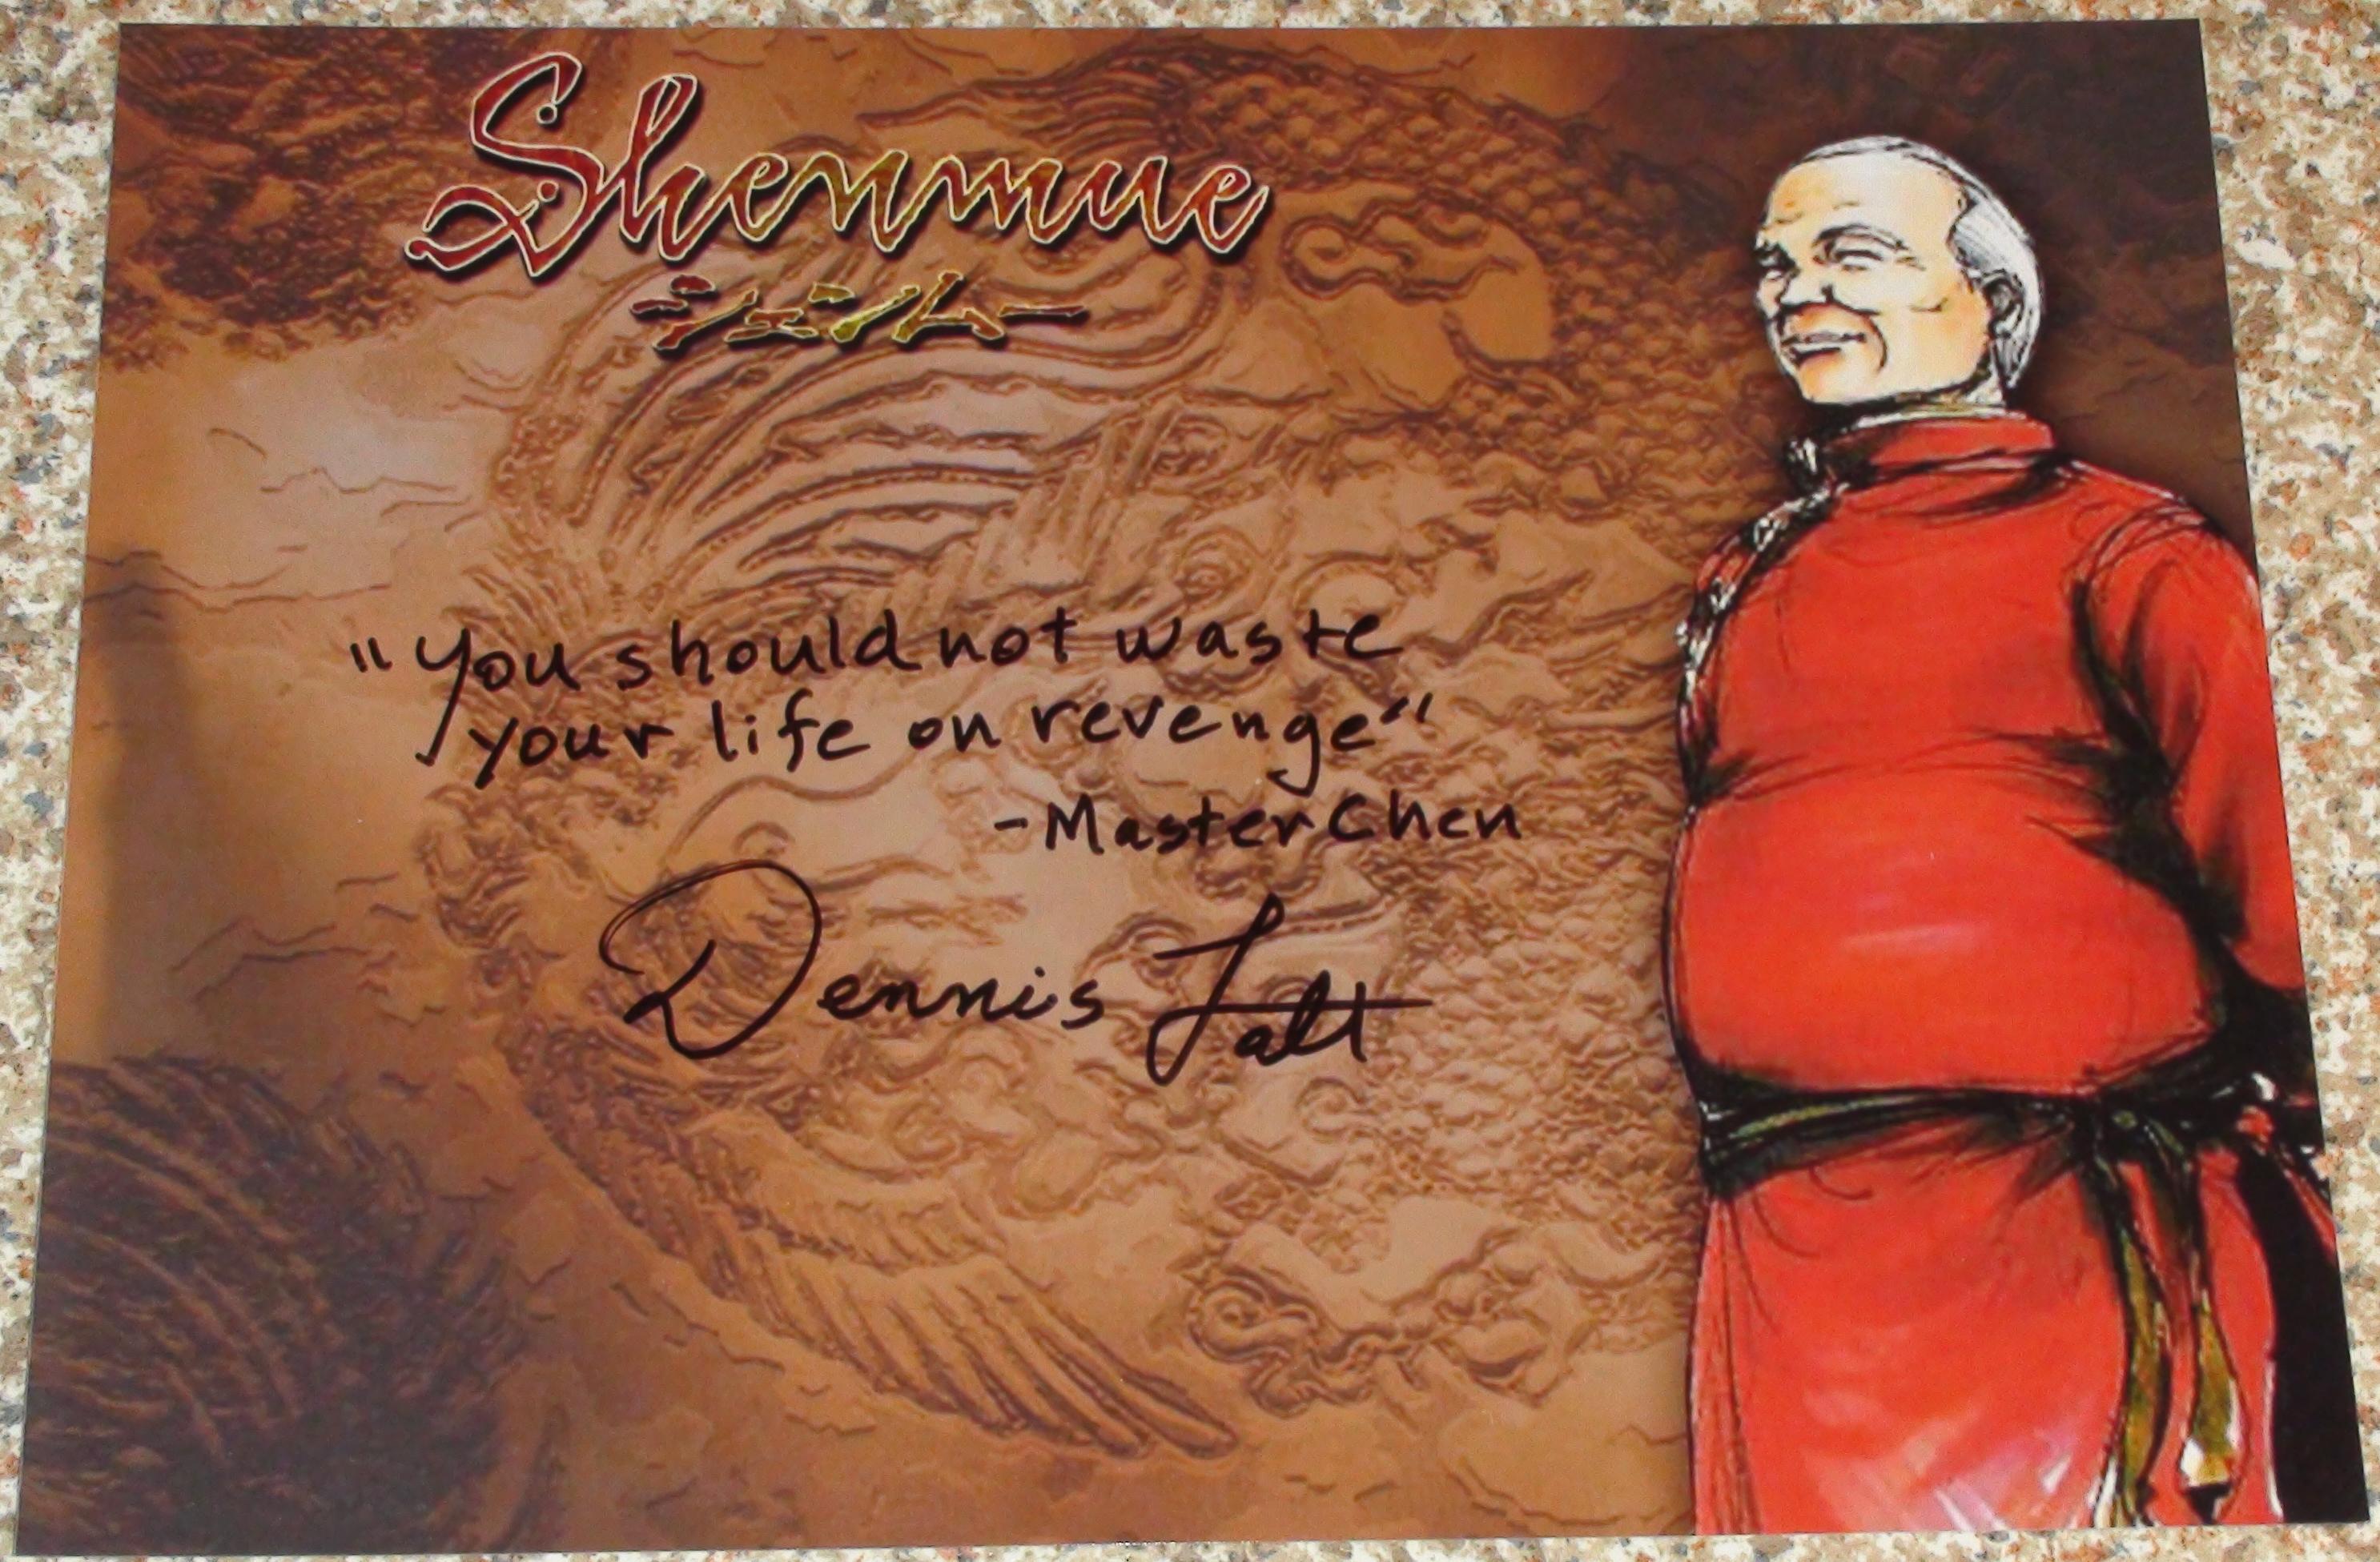 Shenmue - Dennis Falt